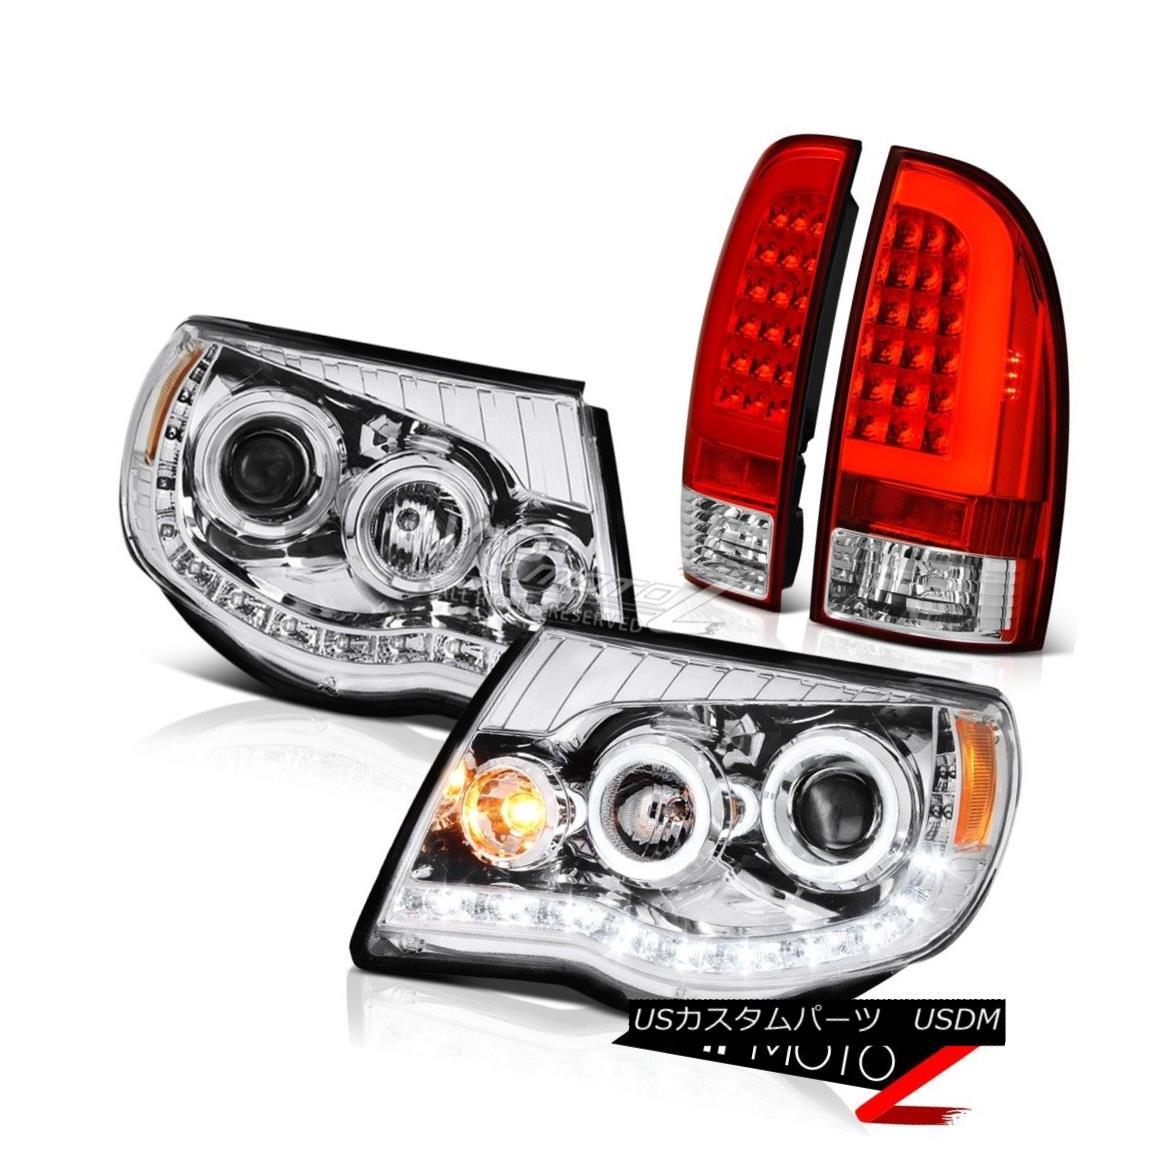 ヘッドライト 2005-2011 Toyota Tacoma Bloody Red Tail Euro Clear Head Lamps Replacement Pair 2005-2011 Toyota Tacoma Bloody Red Tailユーロクリアヘッドランプ交換ペア